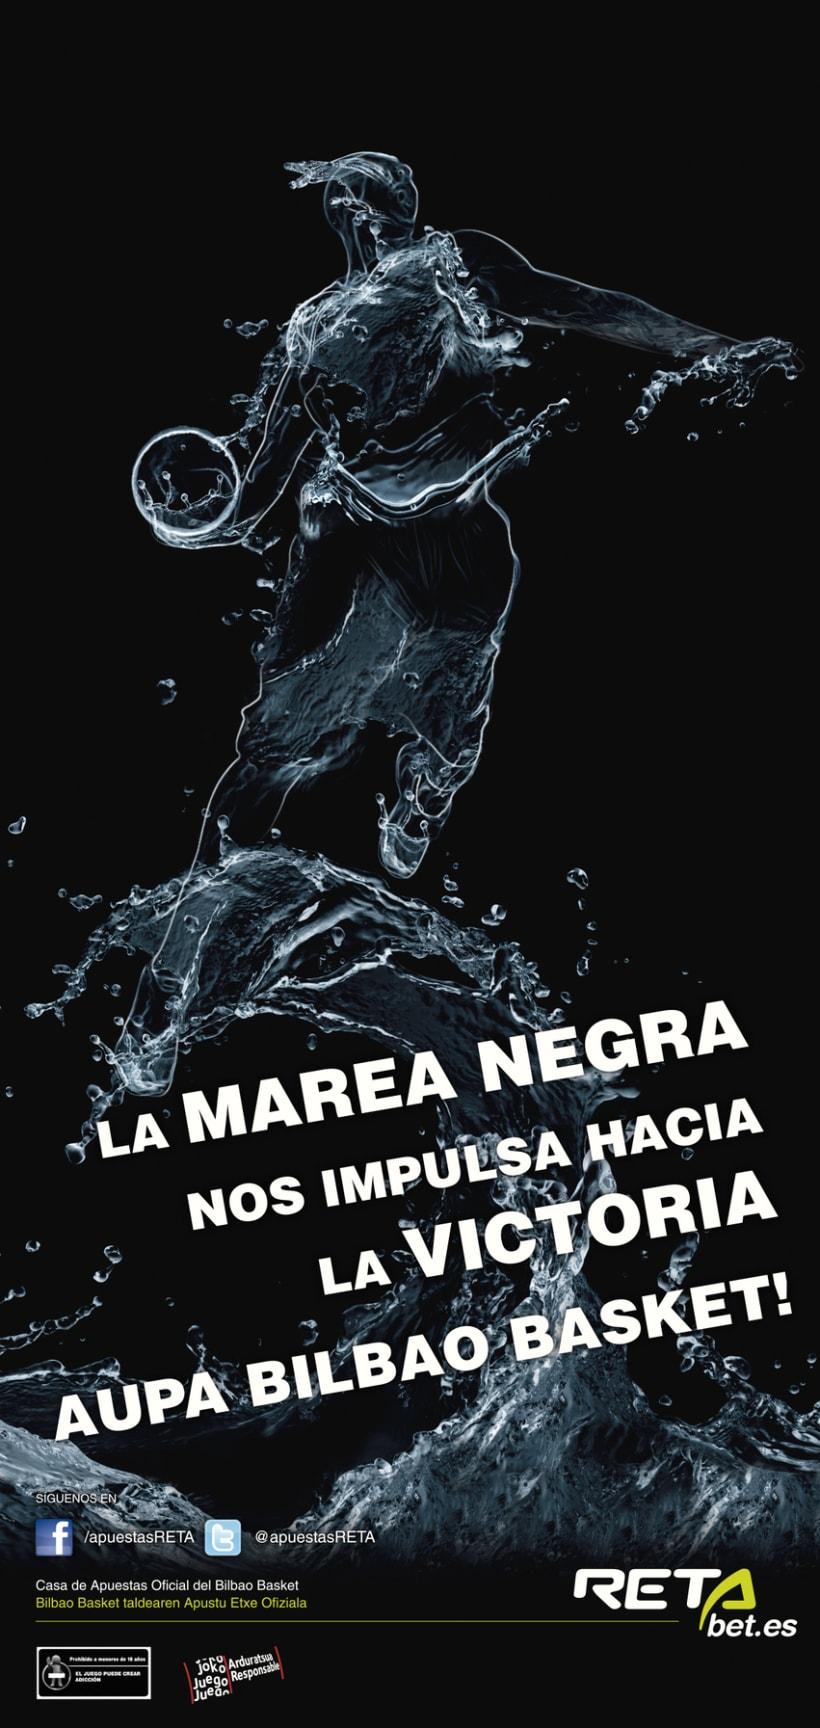 Publicidad Bilbao Basket -1